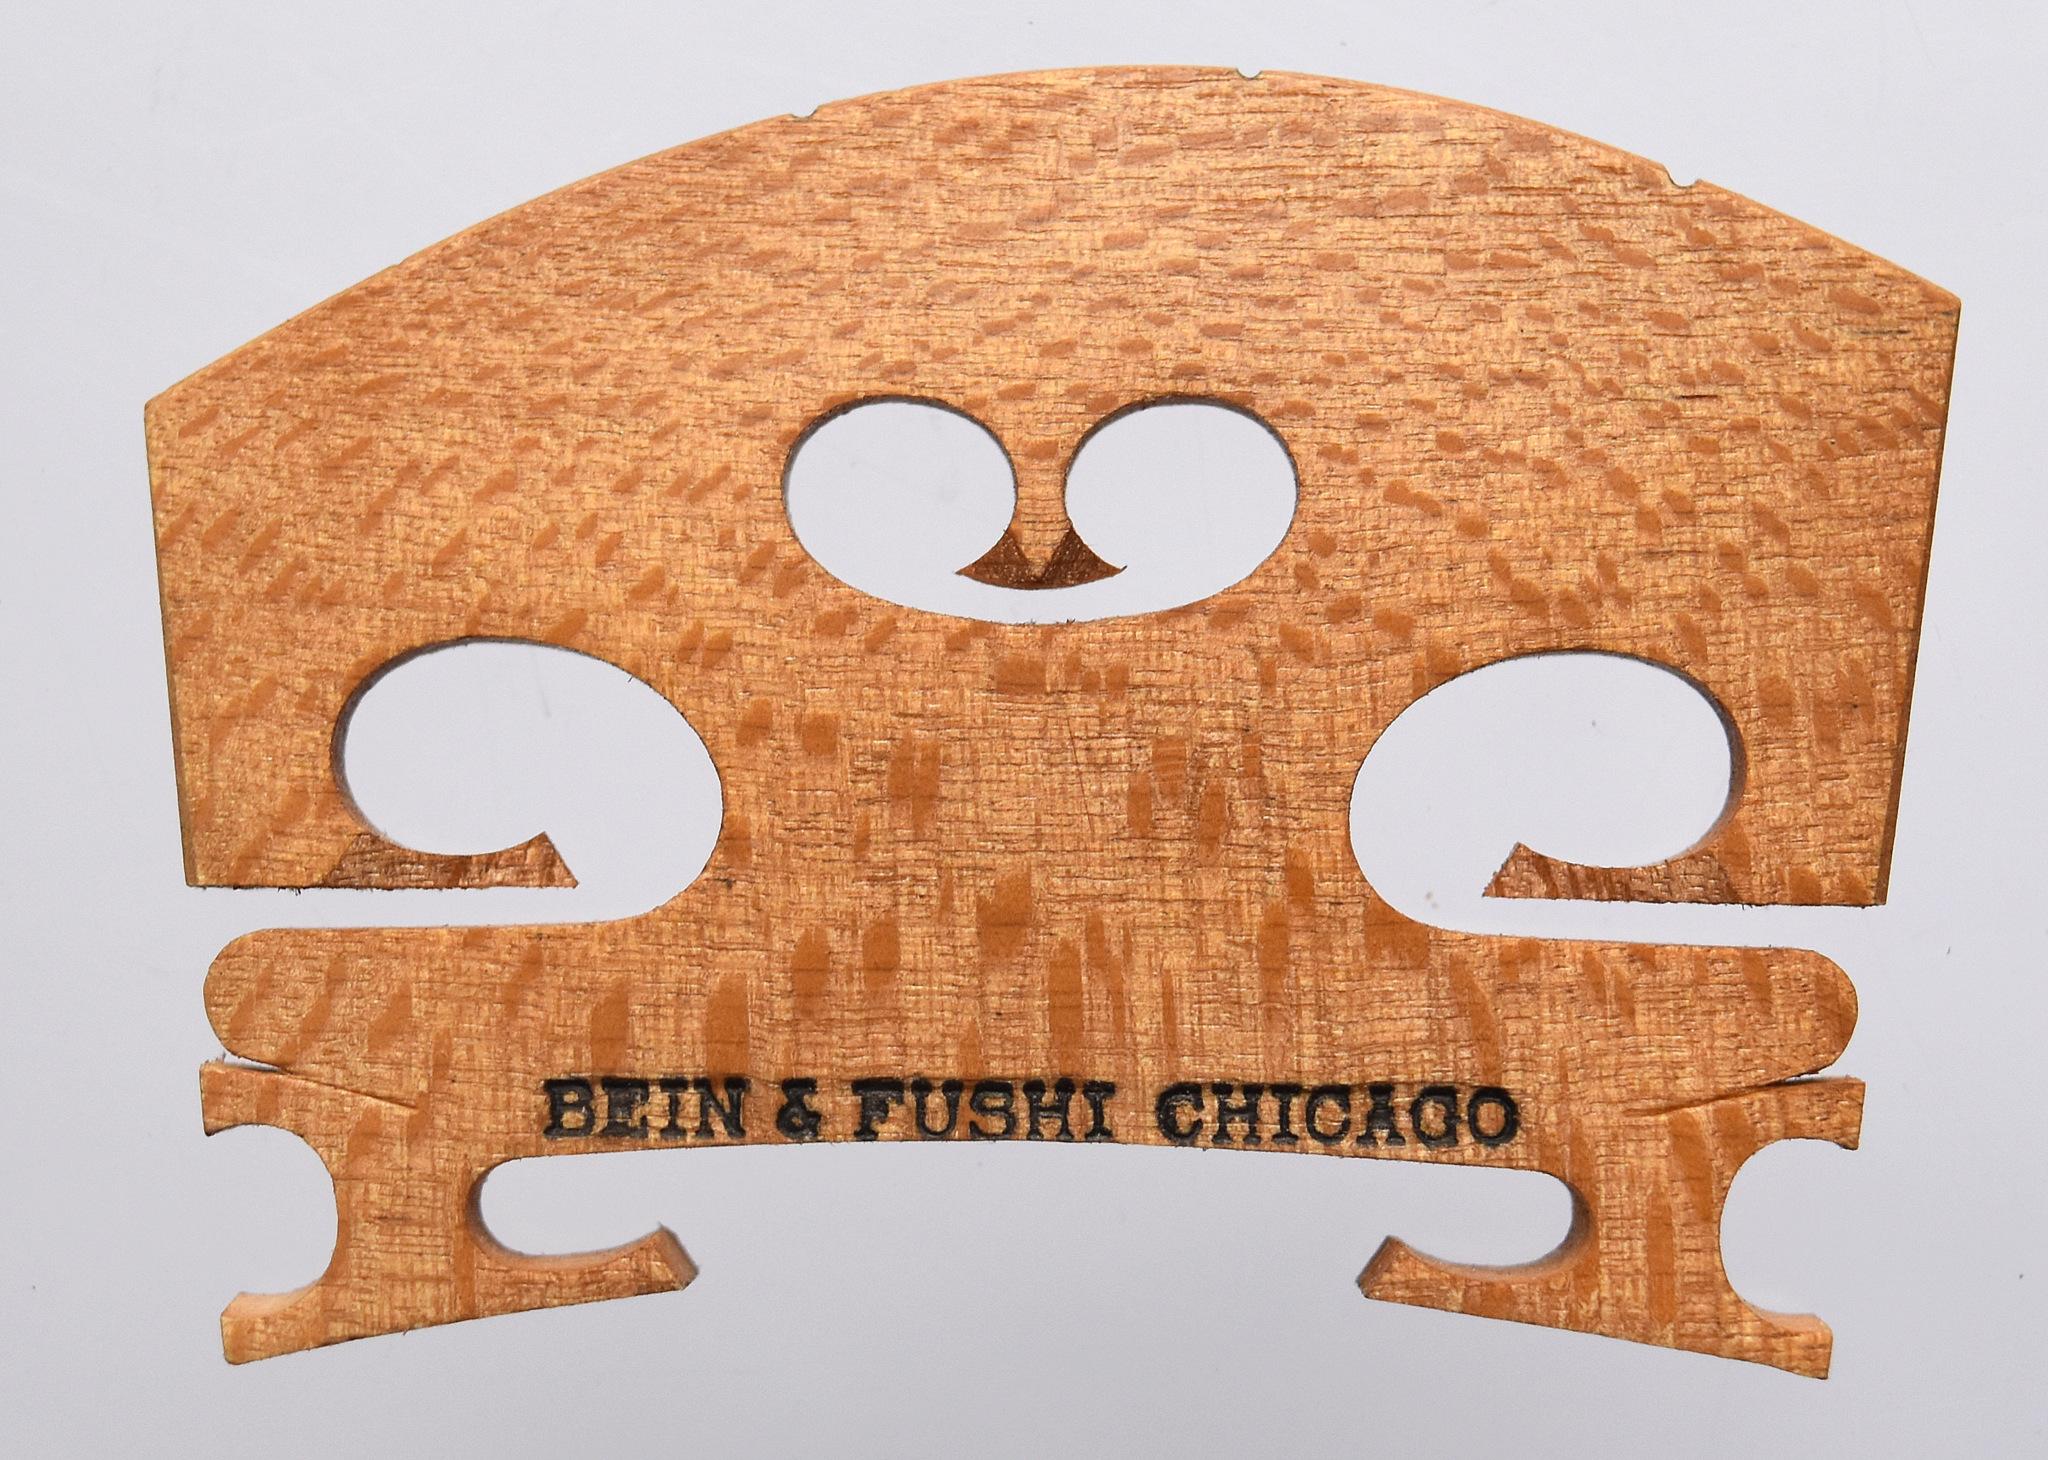 BIEN & FUSHI CHICAGO